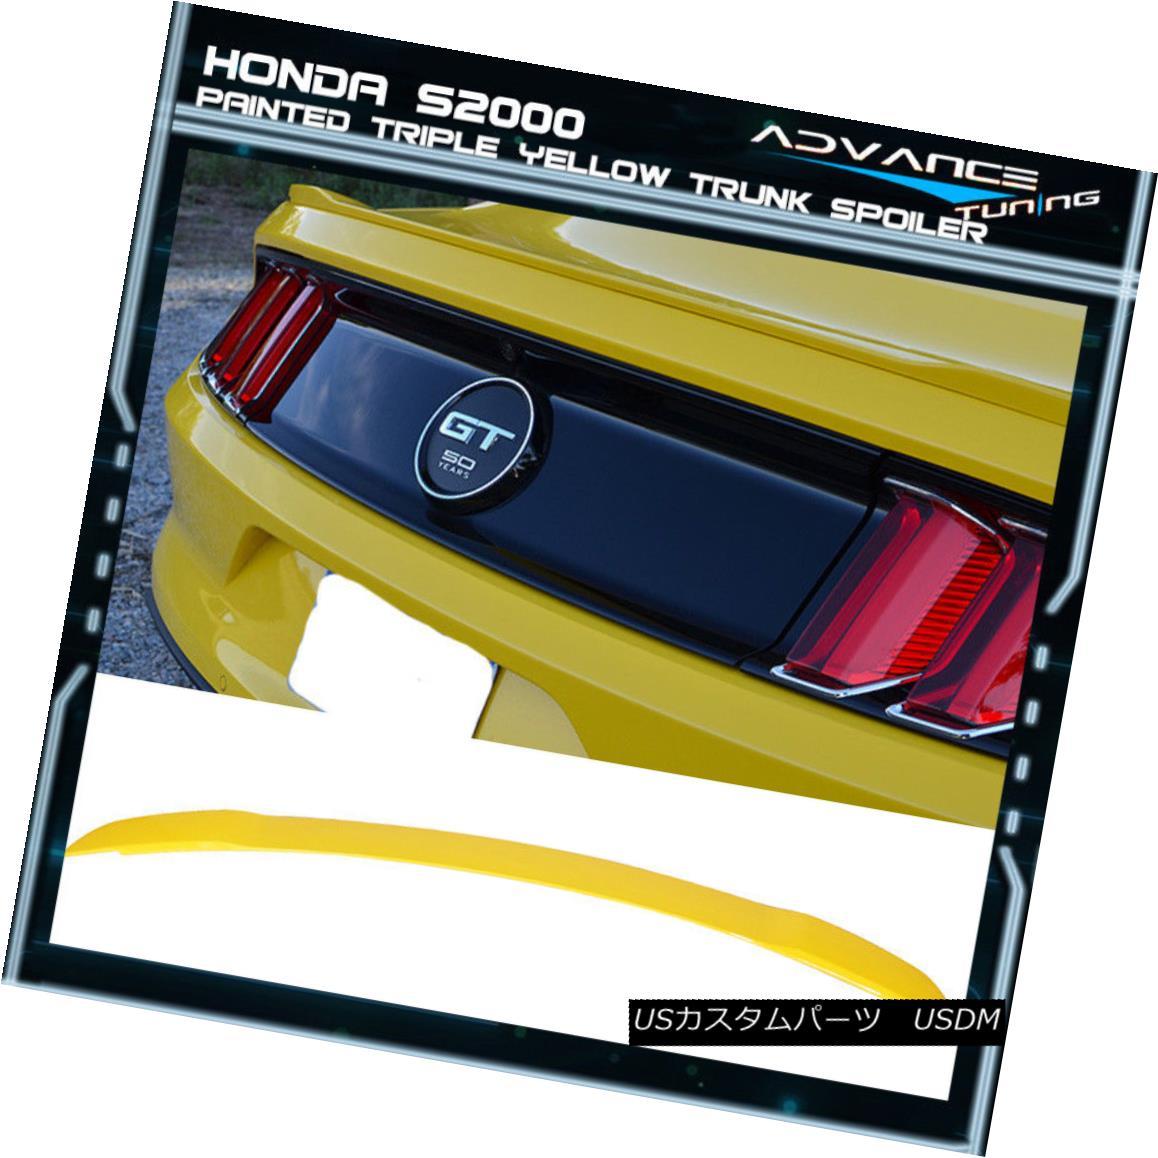 エアロパーツ 15-18 Ford Mustang GT Trunk Spoiler OEM Painted Color Triple Yellow 15-18フォードマスタングGTトランクスポイラーOEM塗装カラートリプルイエロー